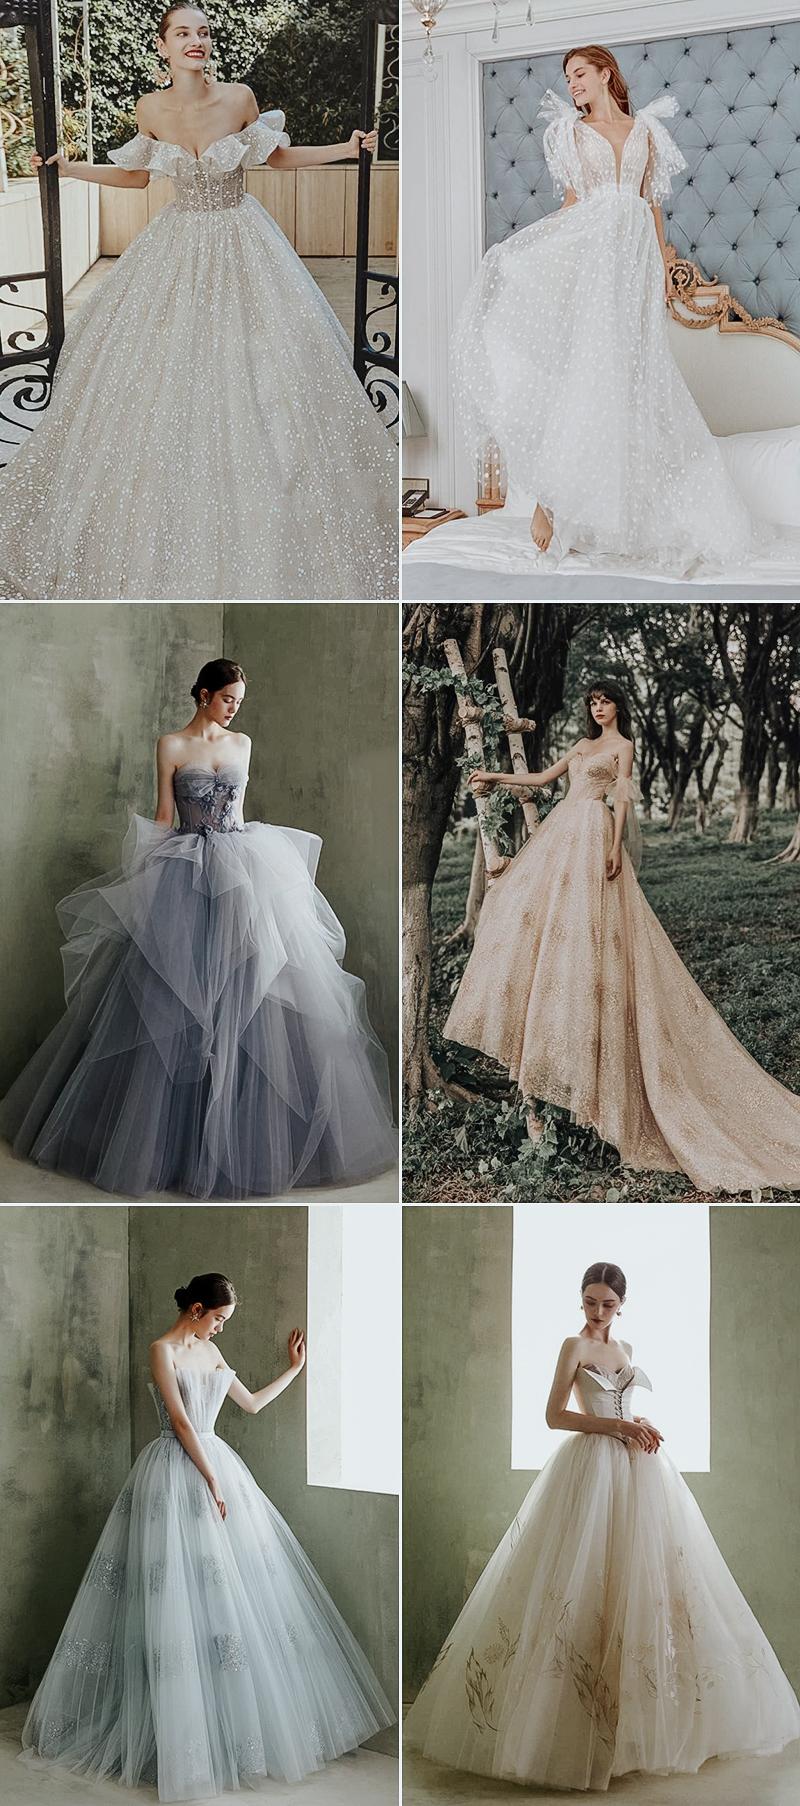 fashion fairy tale wedding dress